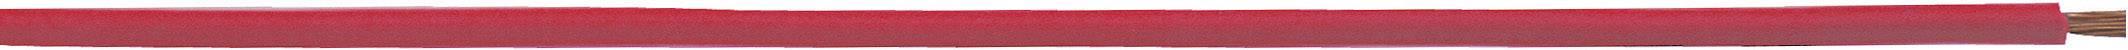 Opletenie / lanko LappKabel 4510122S H05V-K, 1 x 0.75 mm², vonkajší Ø 2.70 mm, 250 m, zelená